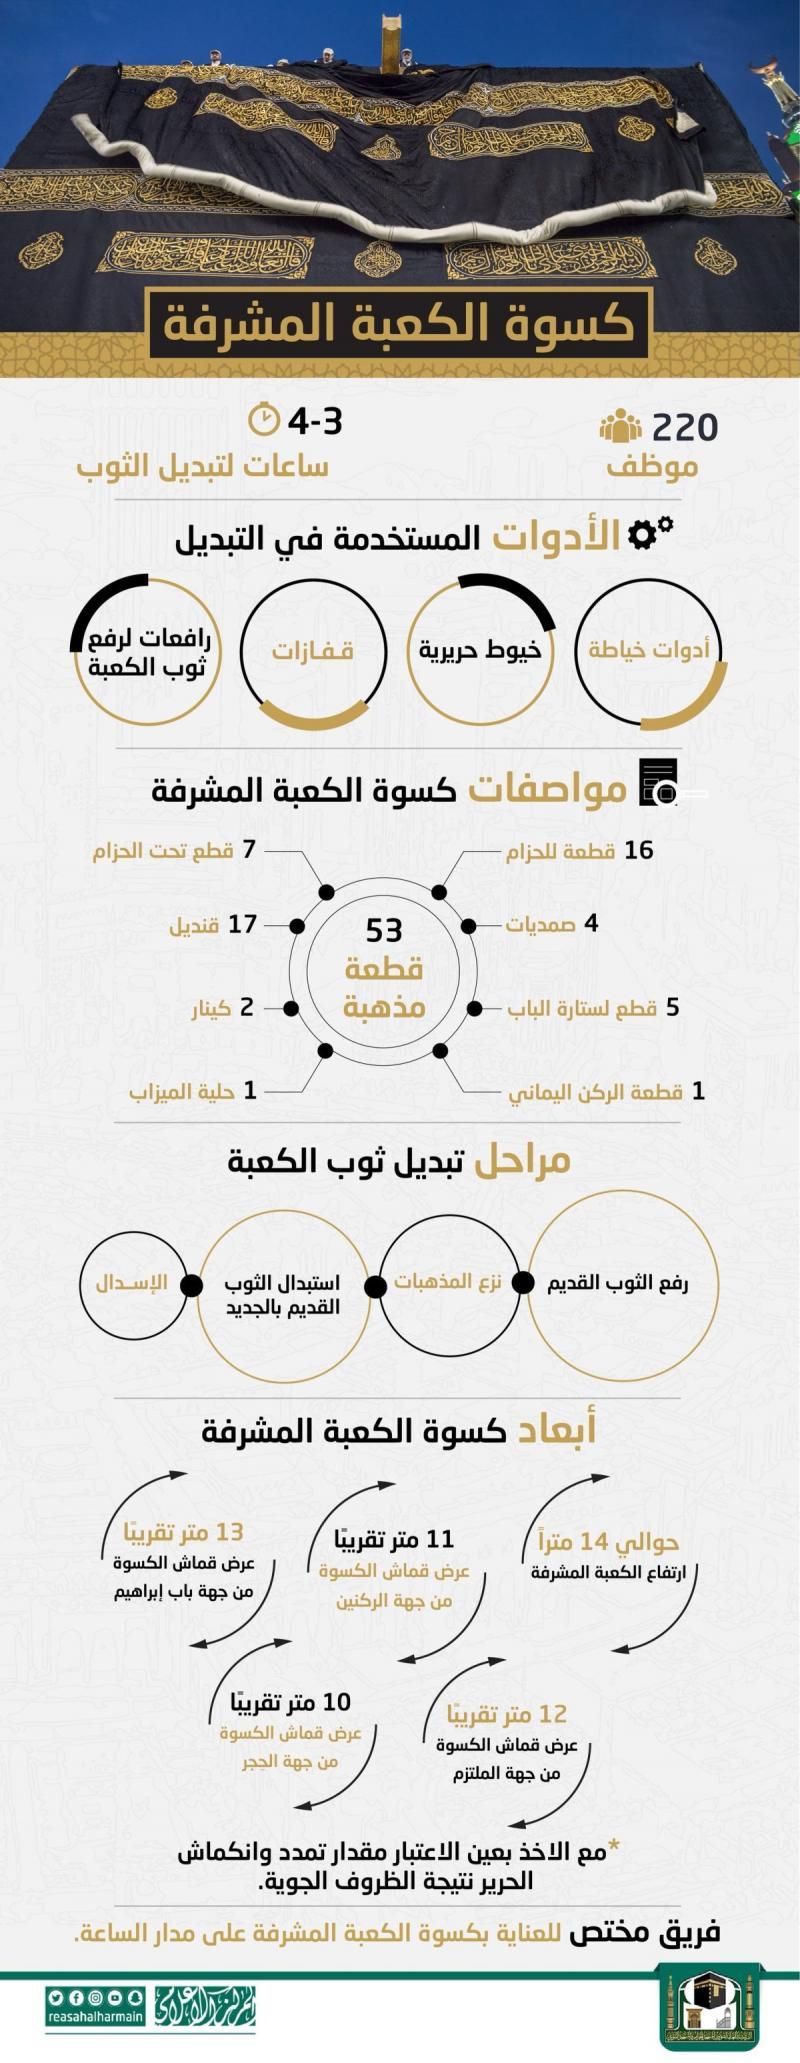 معلومات مهمة عن كسوة #الكعبة المشرفة في #مكة المكرمة #الحج #السعودية #انفوجرافيك #انفوجرافيك_عربي